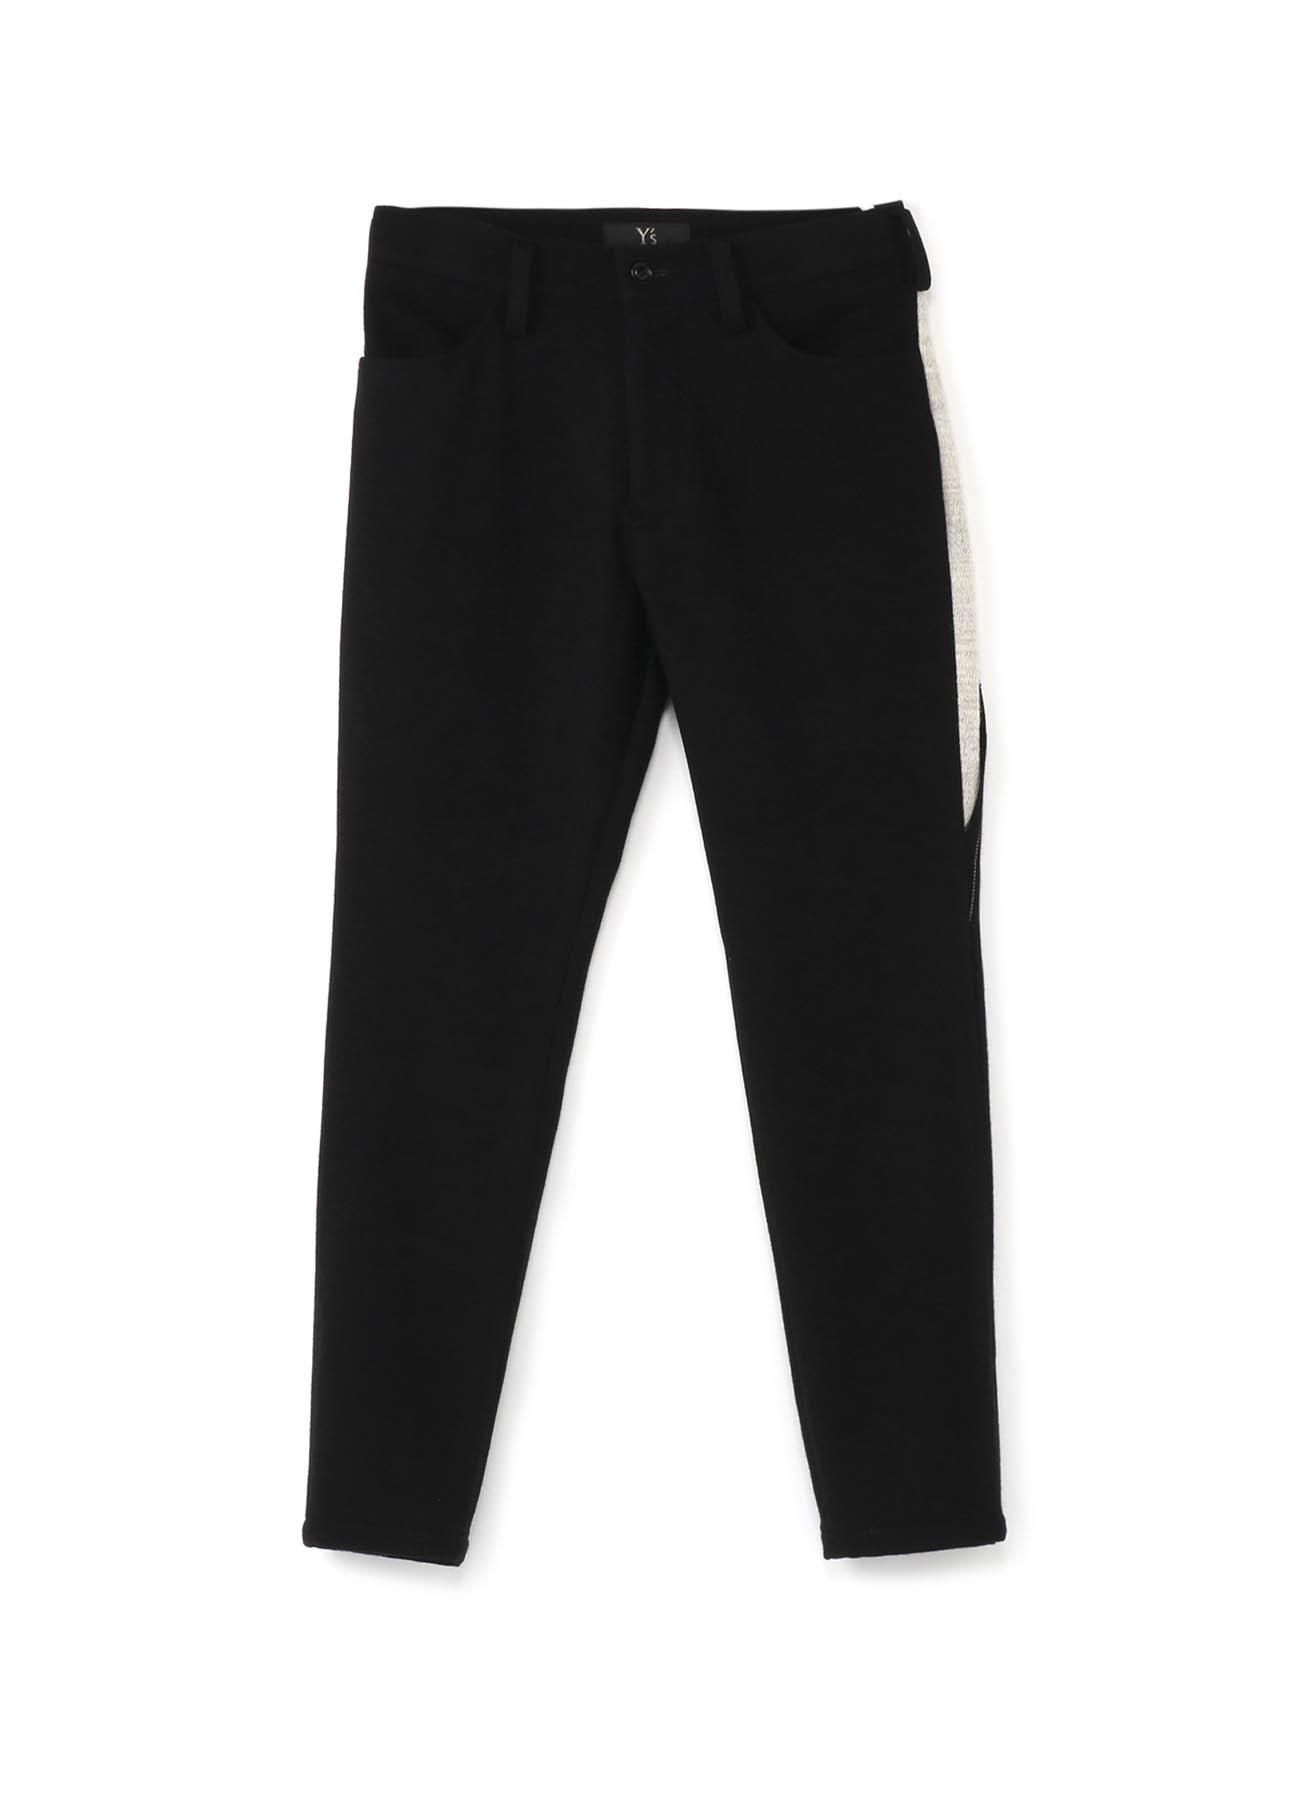 黑白拼接长裤